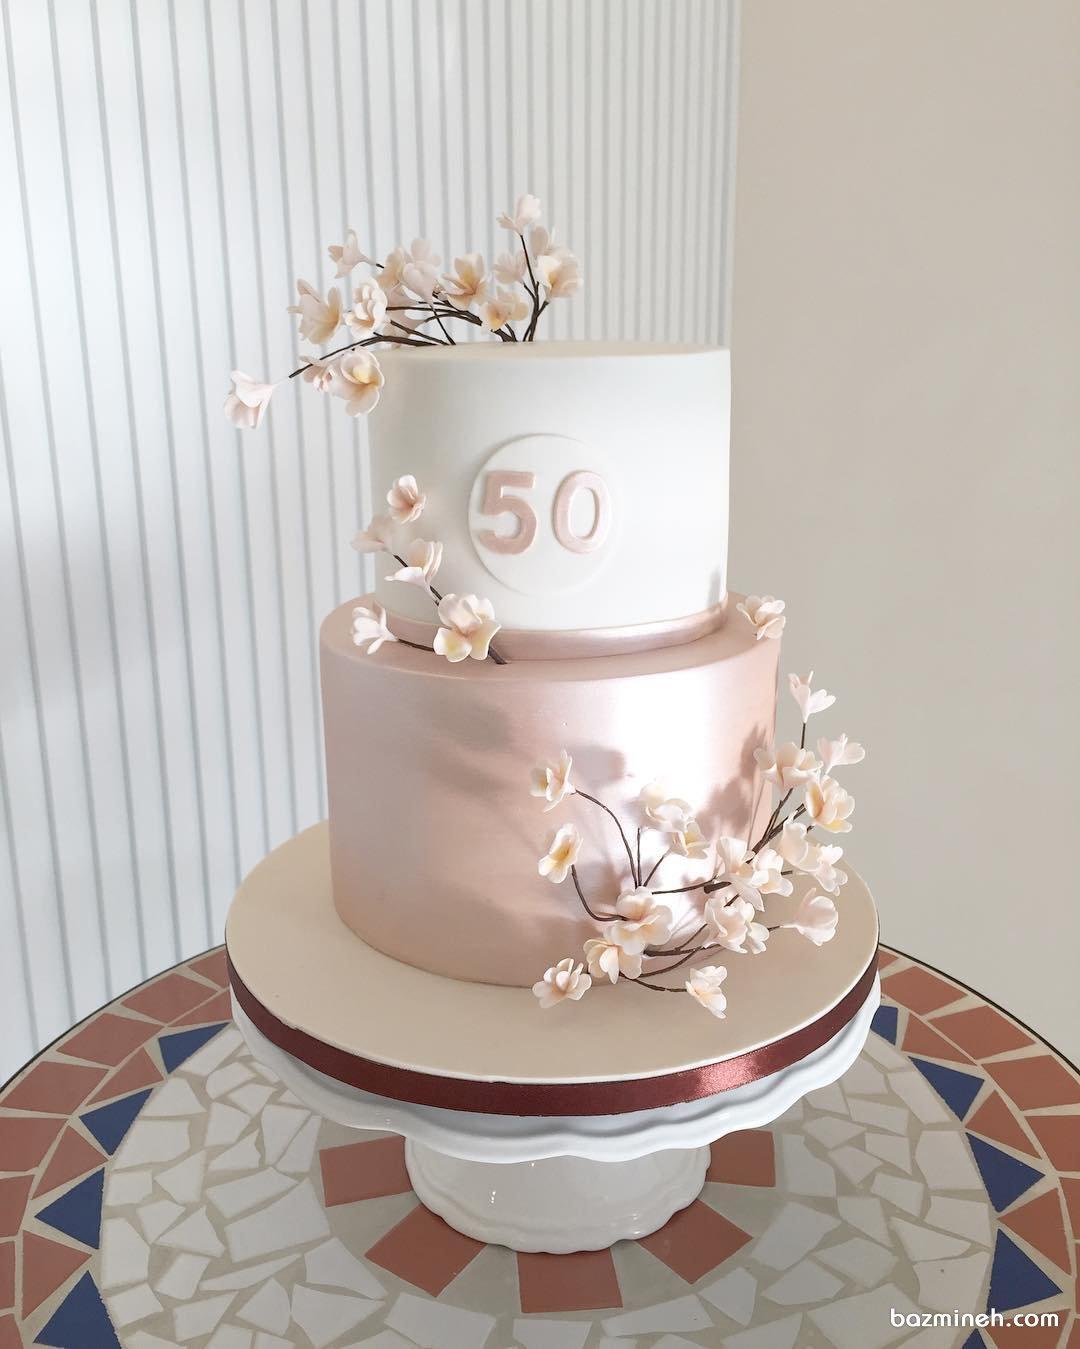 کیک دو طبقه جشن تولد بزرگسال یا سالگرد عروسی با تم رمانتیک سفید گلبهی